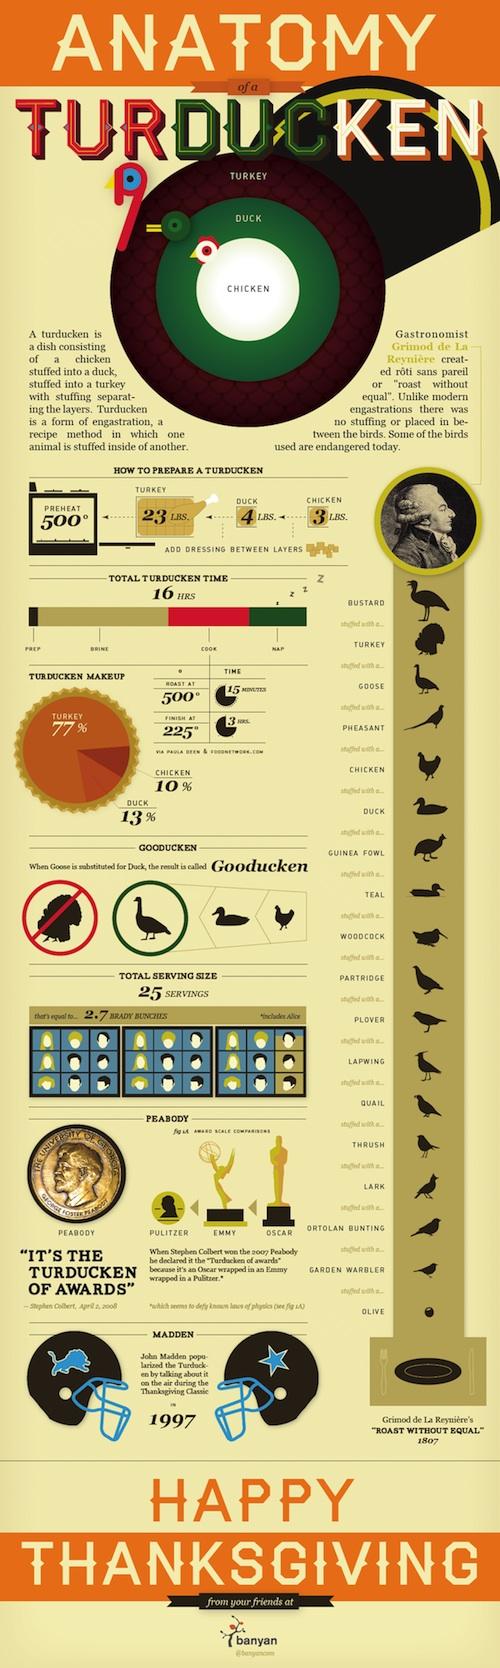 Anatomy of a Turducken